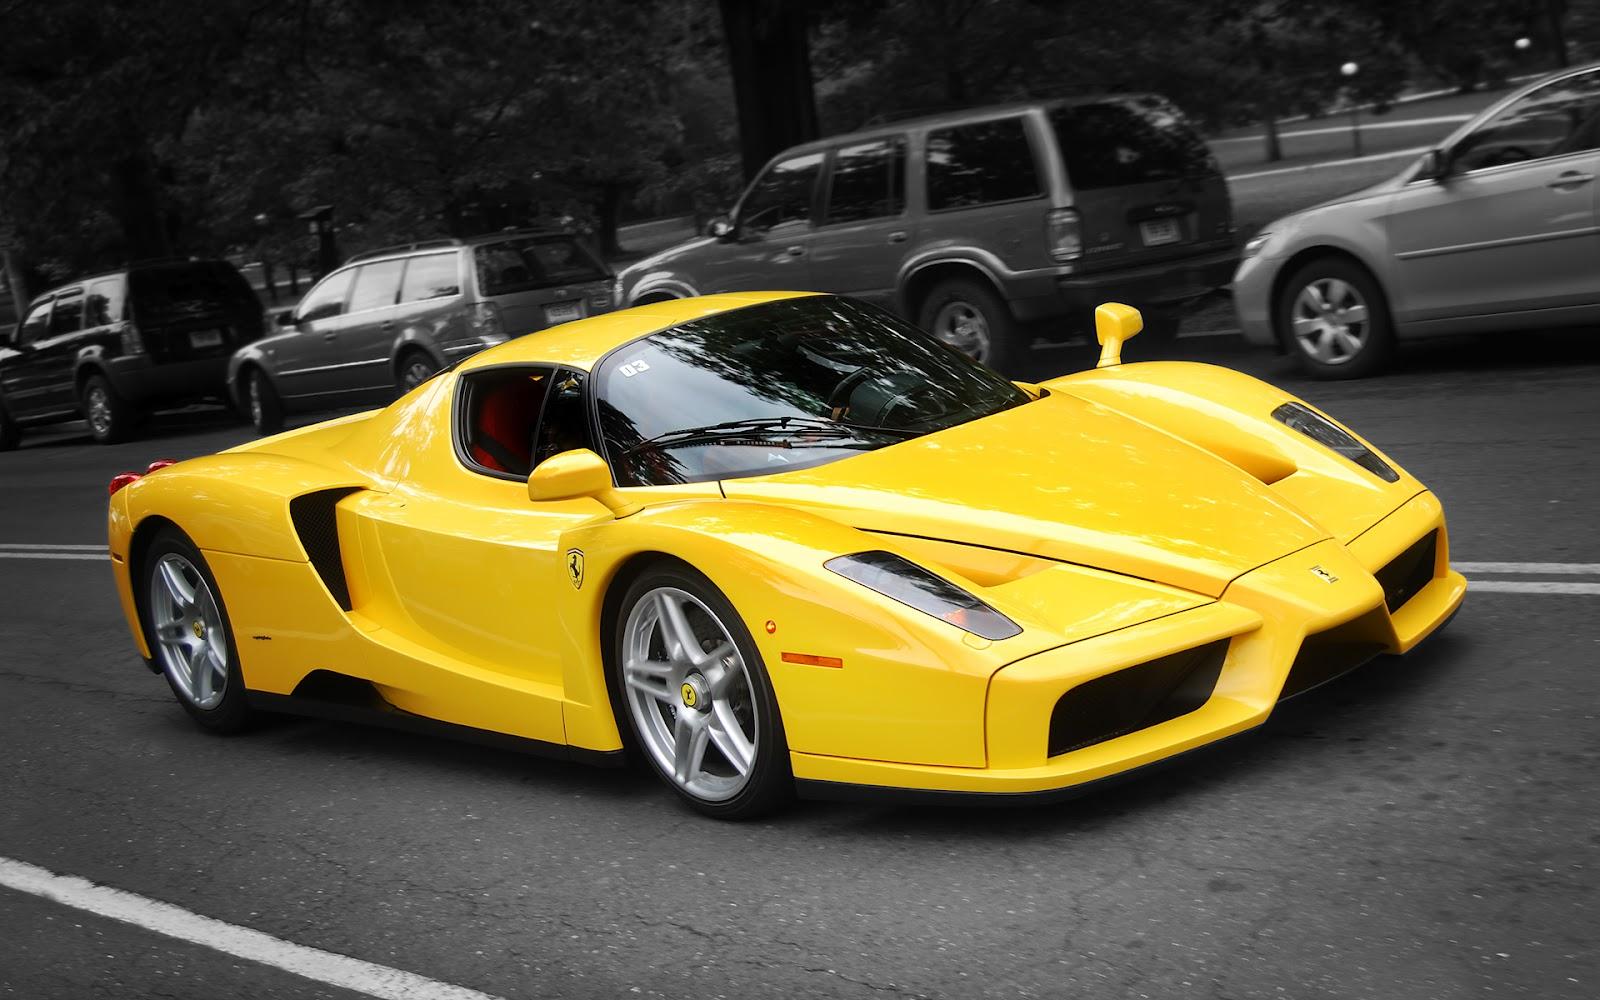 Arabaresimleri >> En Güzel HD Araba Resimleri - HD Araba Resimi | Rooteto